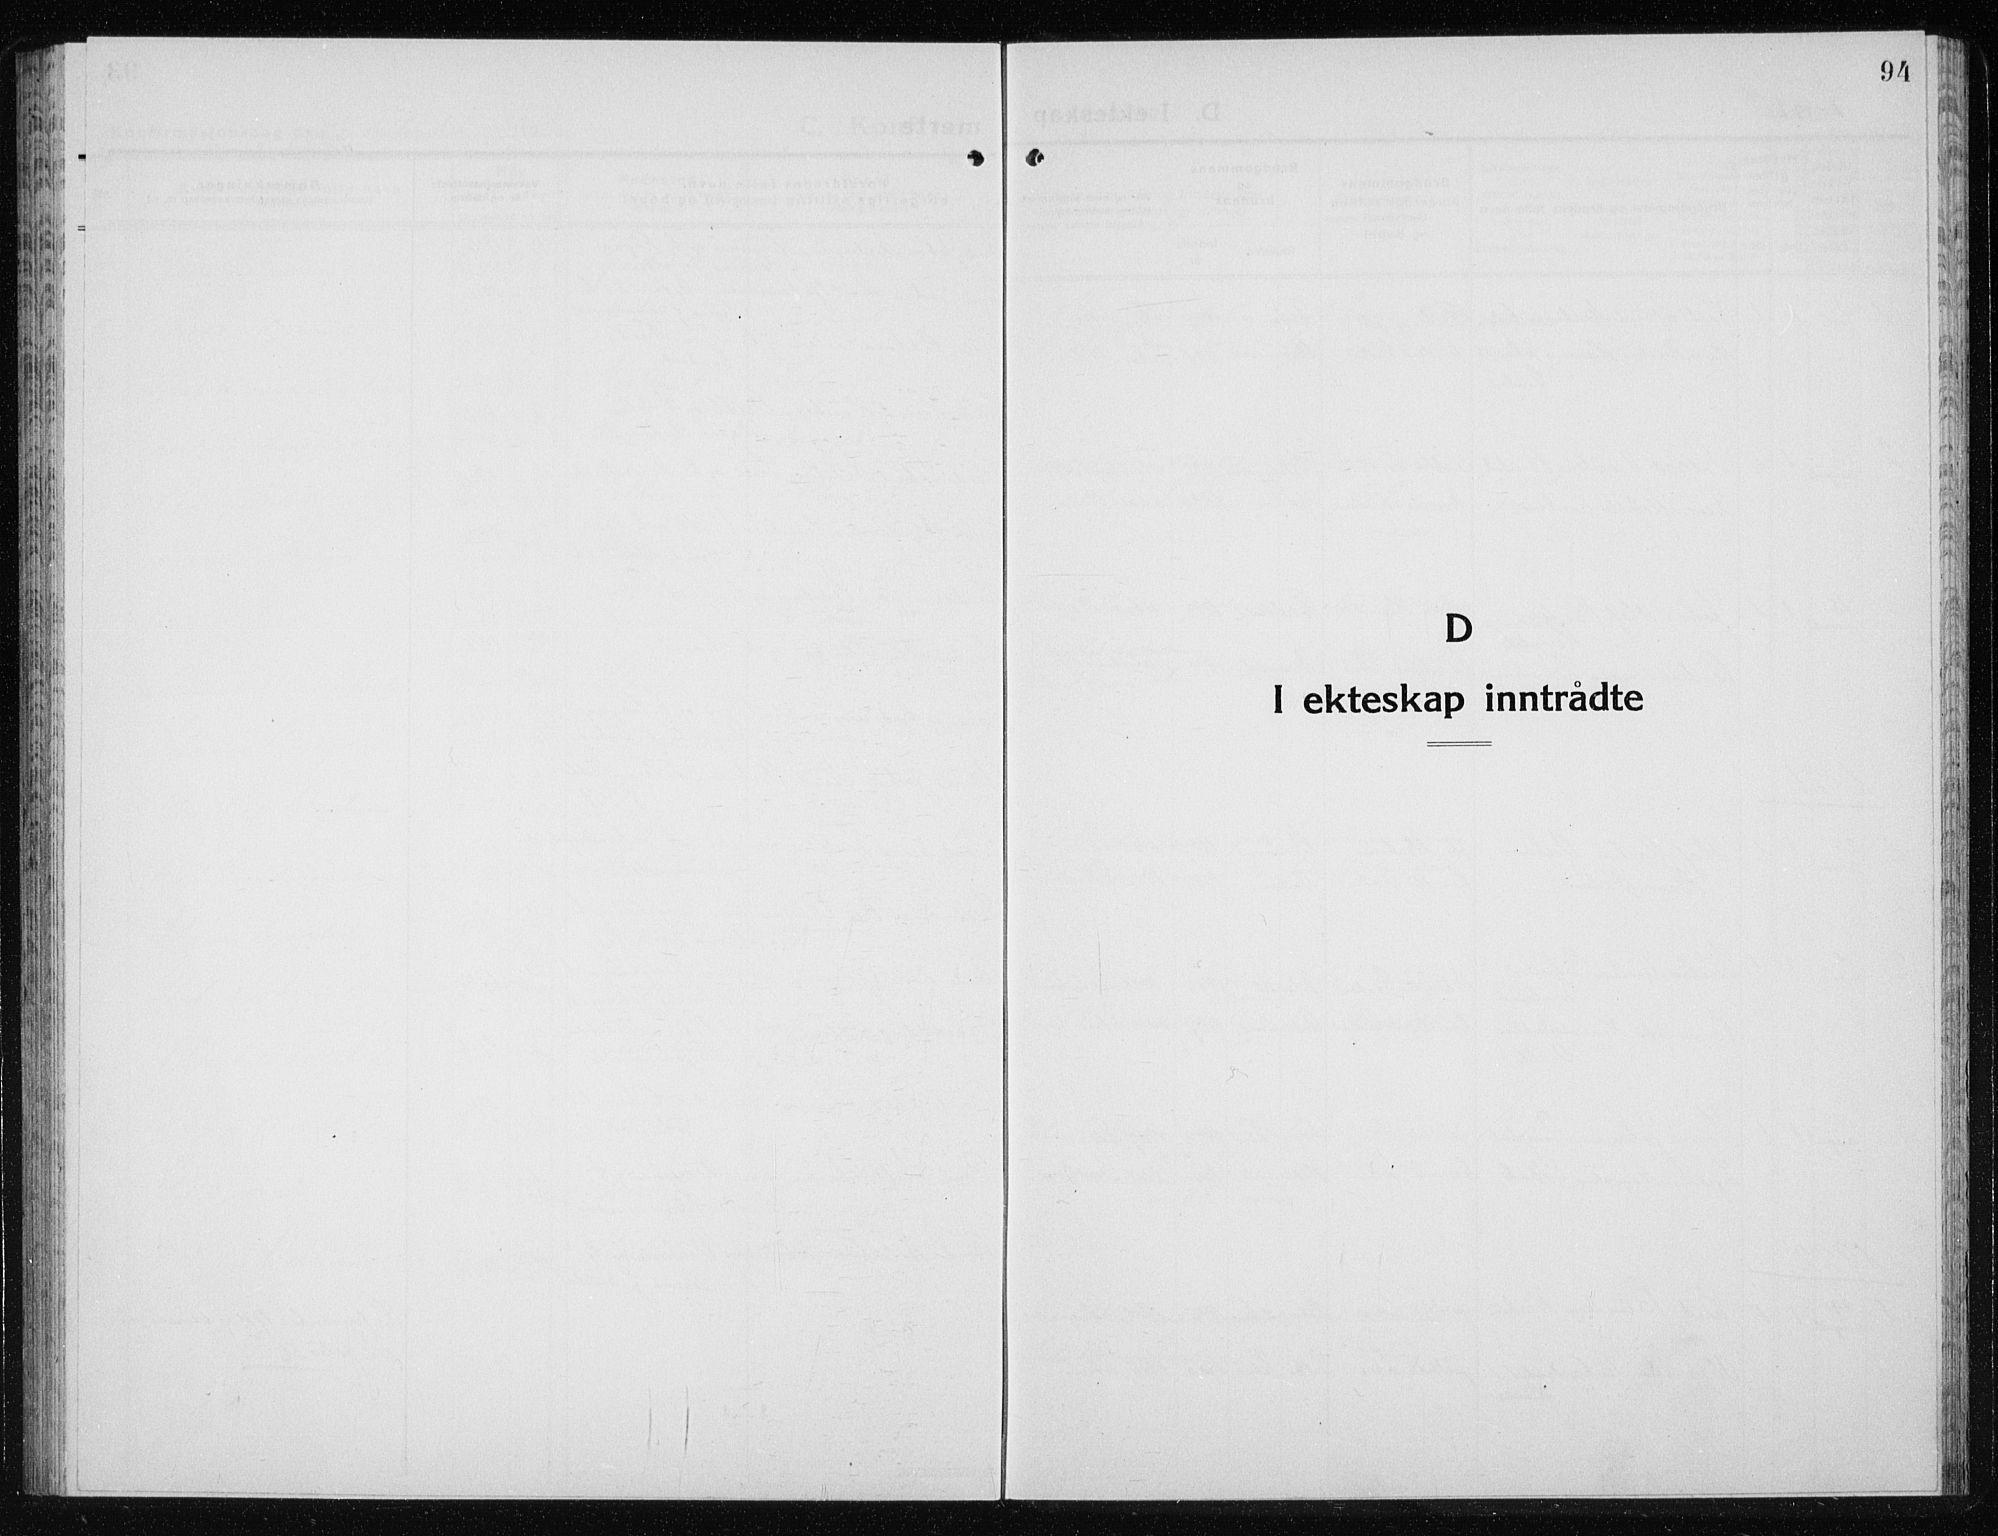 SAT, Ministerialprotokoller, klokkerbøker og fødselsregistre - Nord-Trøndelag, 719/L0180: Klokkerbok nr. 719C01, 1878-1940, s. 94